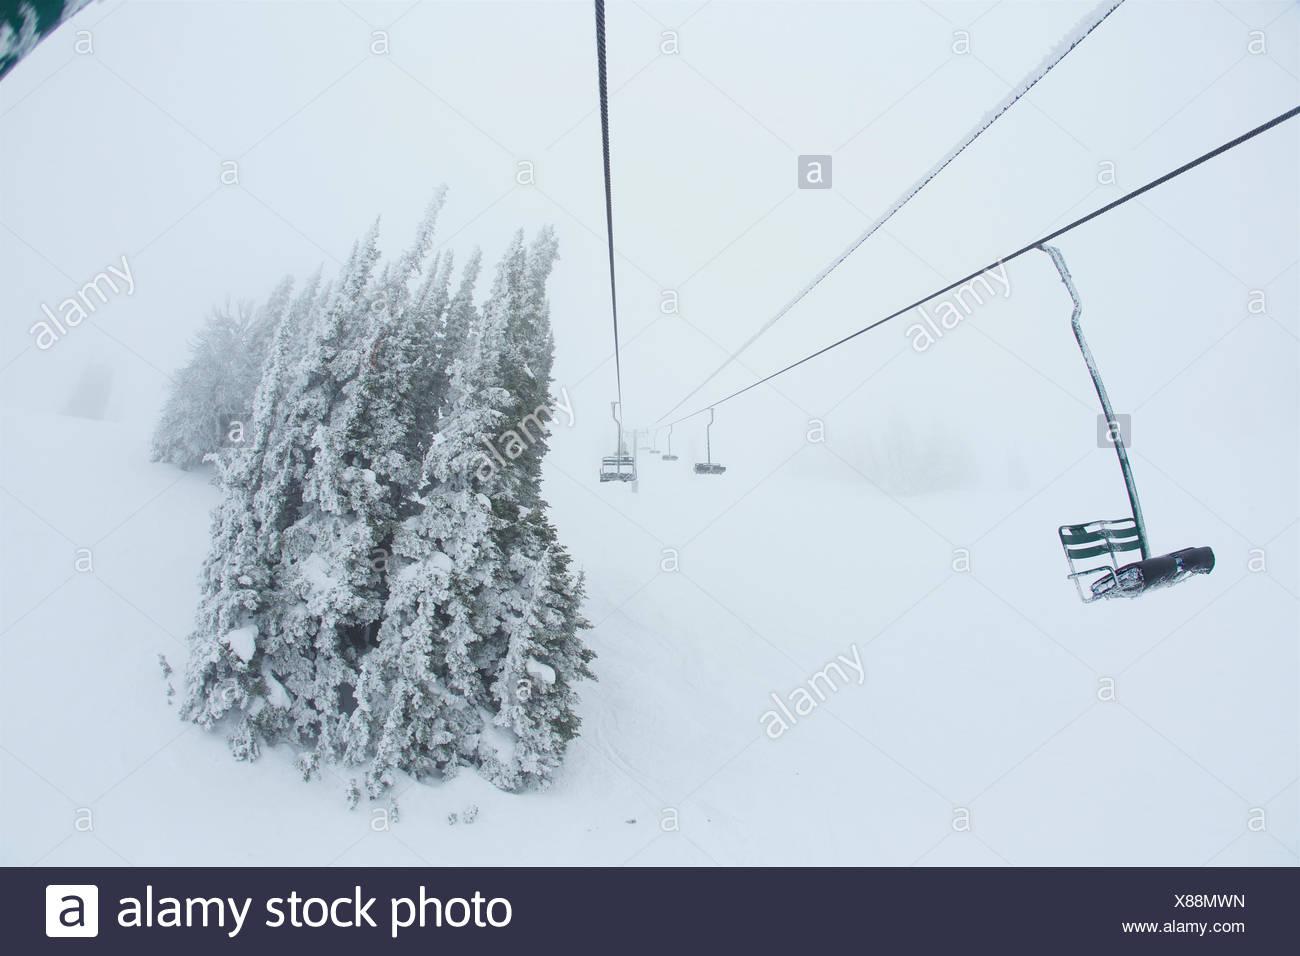 Rime überdachten Sessellift in stürmischen whiteout Bedingungen. Stockbild